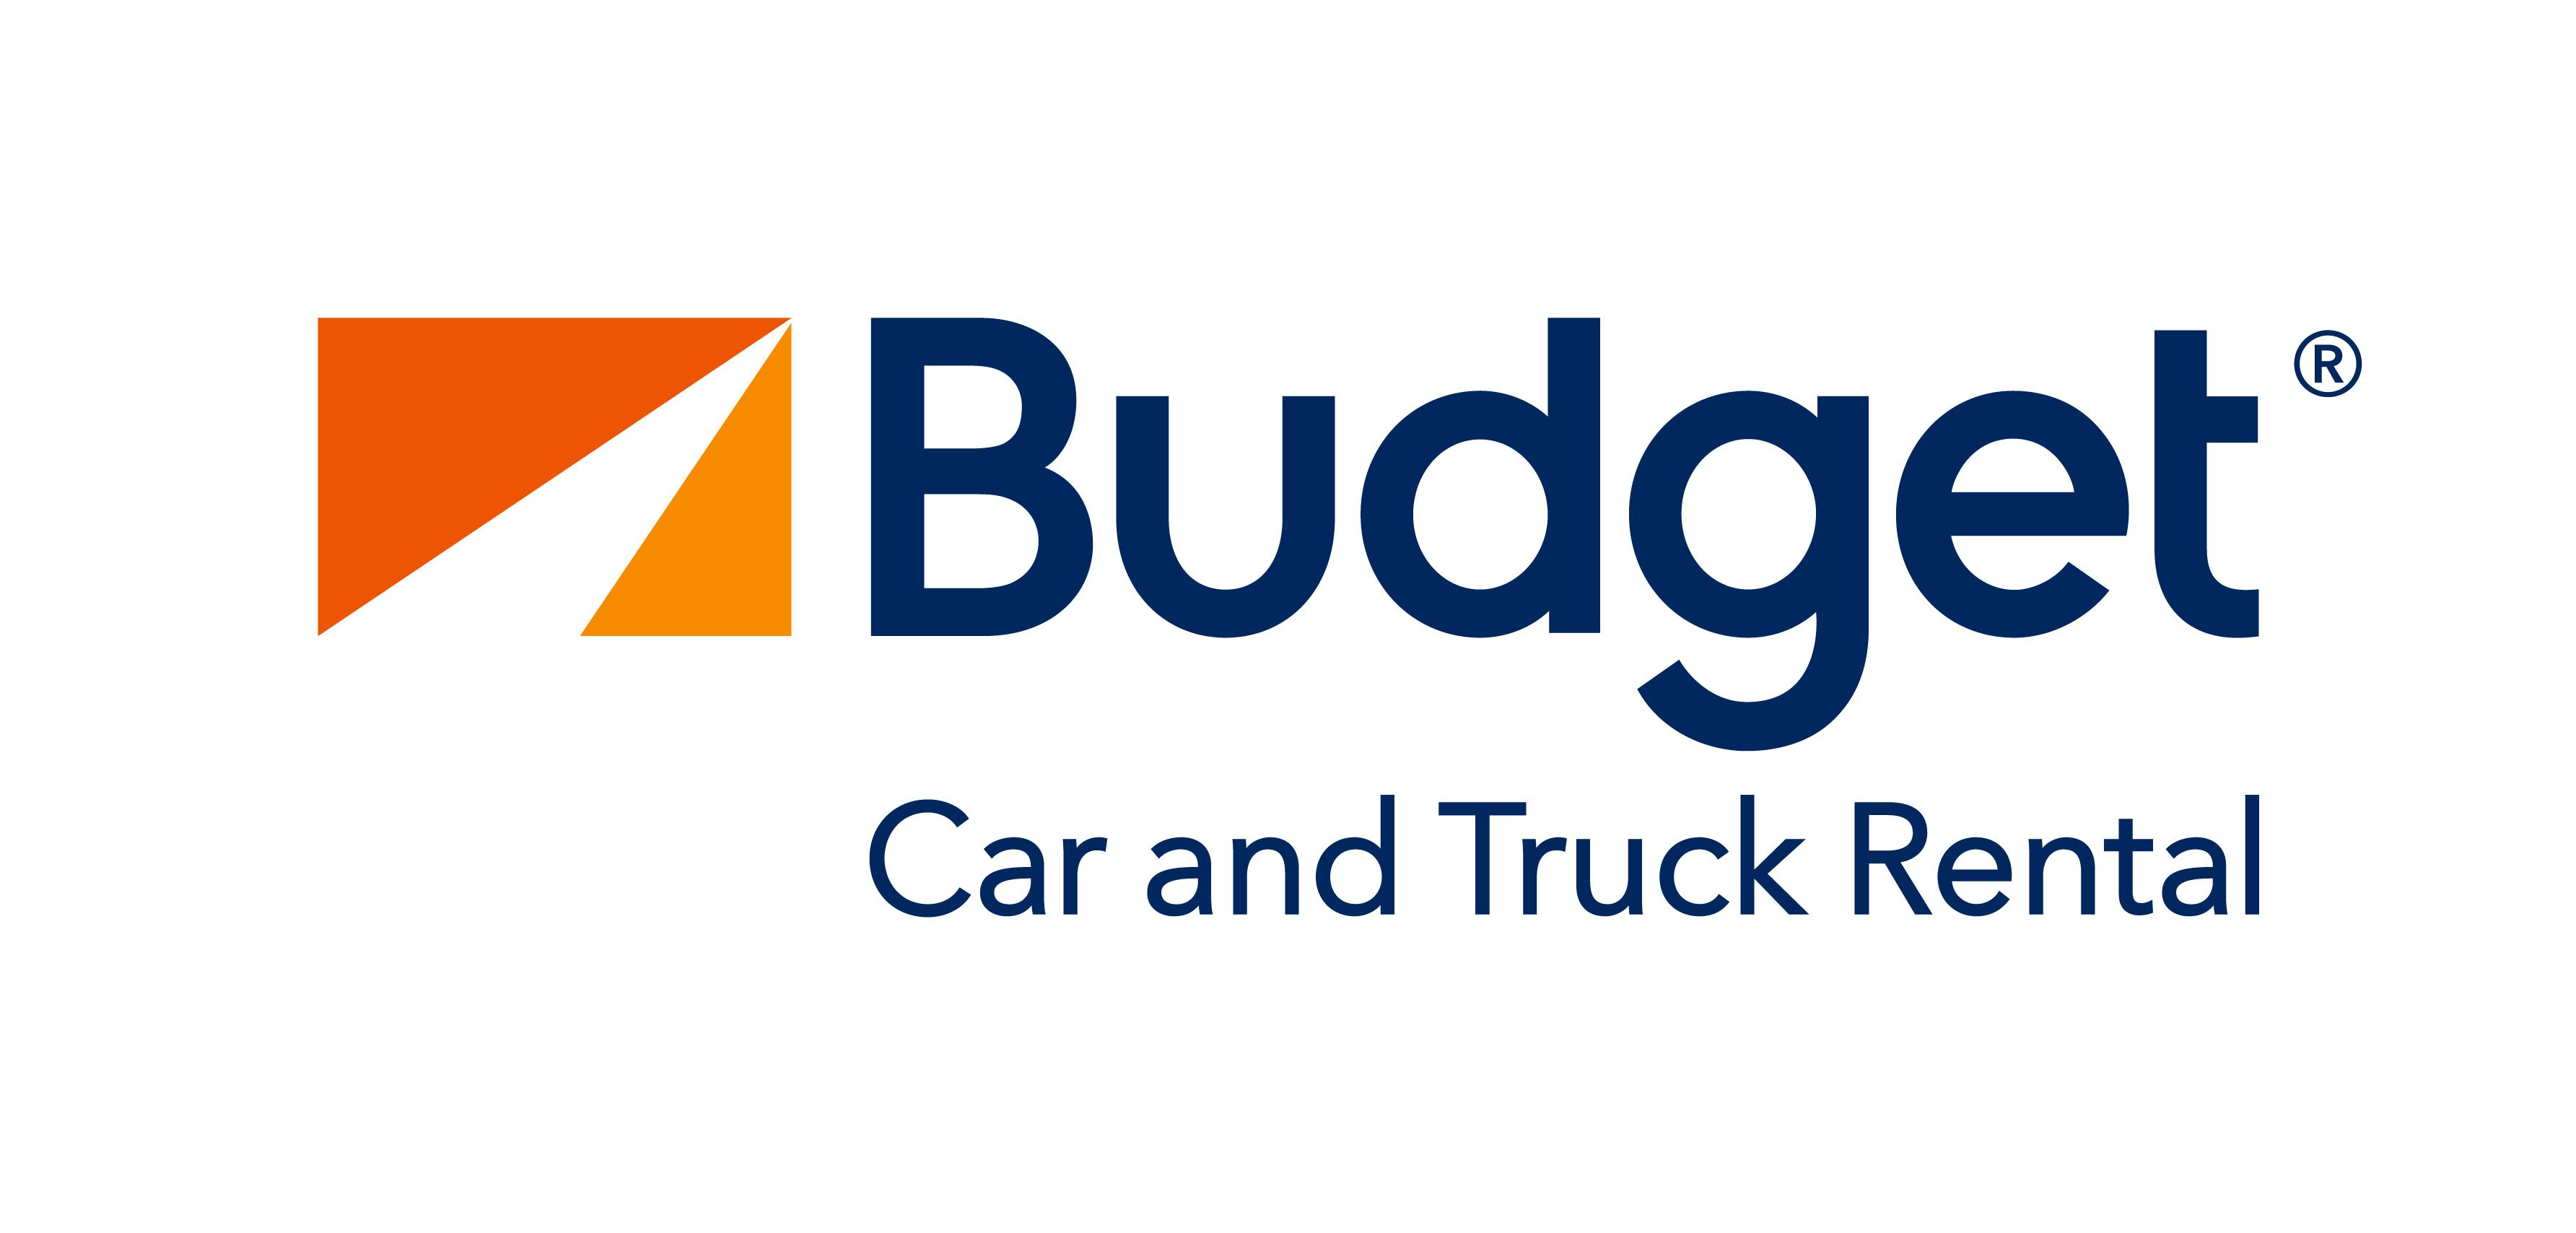 Budget Car & Truck Rental Reynella - Reynella, SA 5161 - (08) 8381 2133 | ShowMeLocal.com